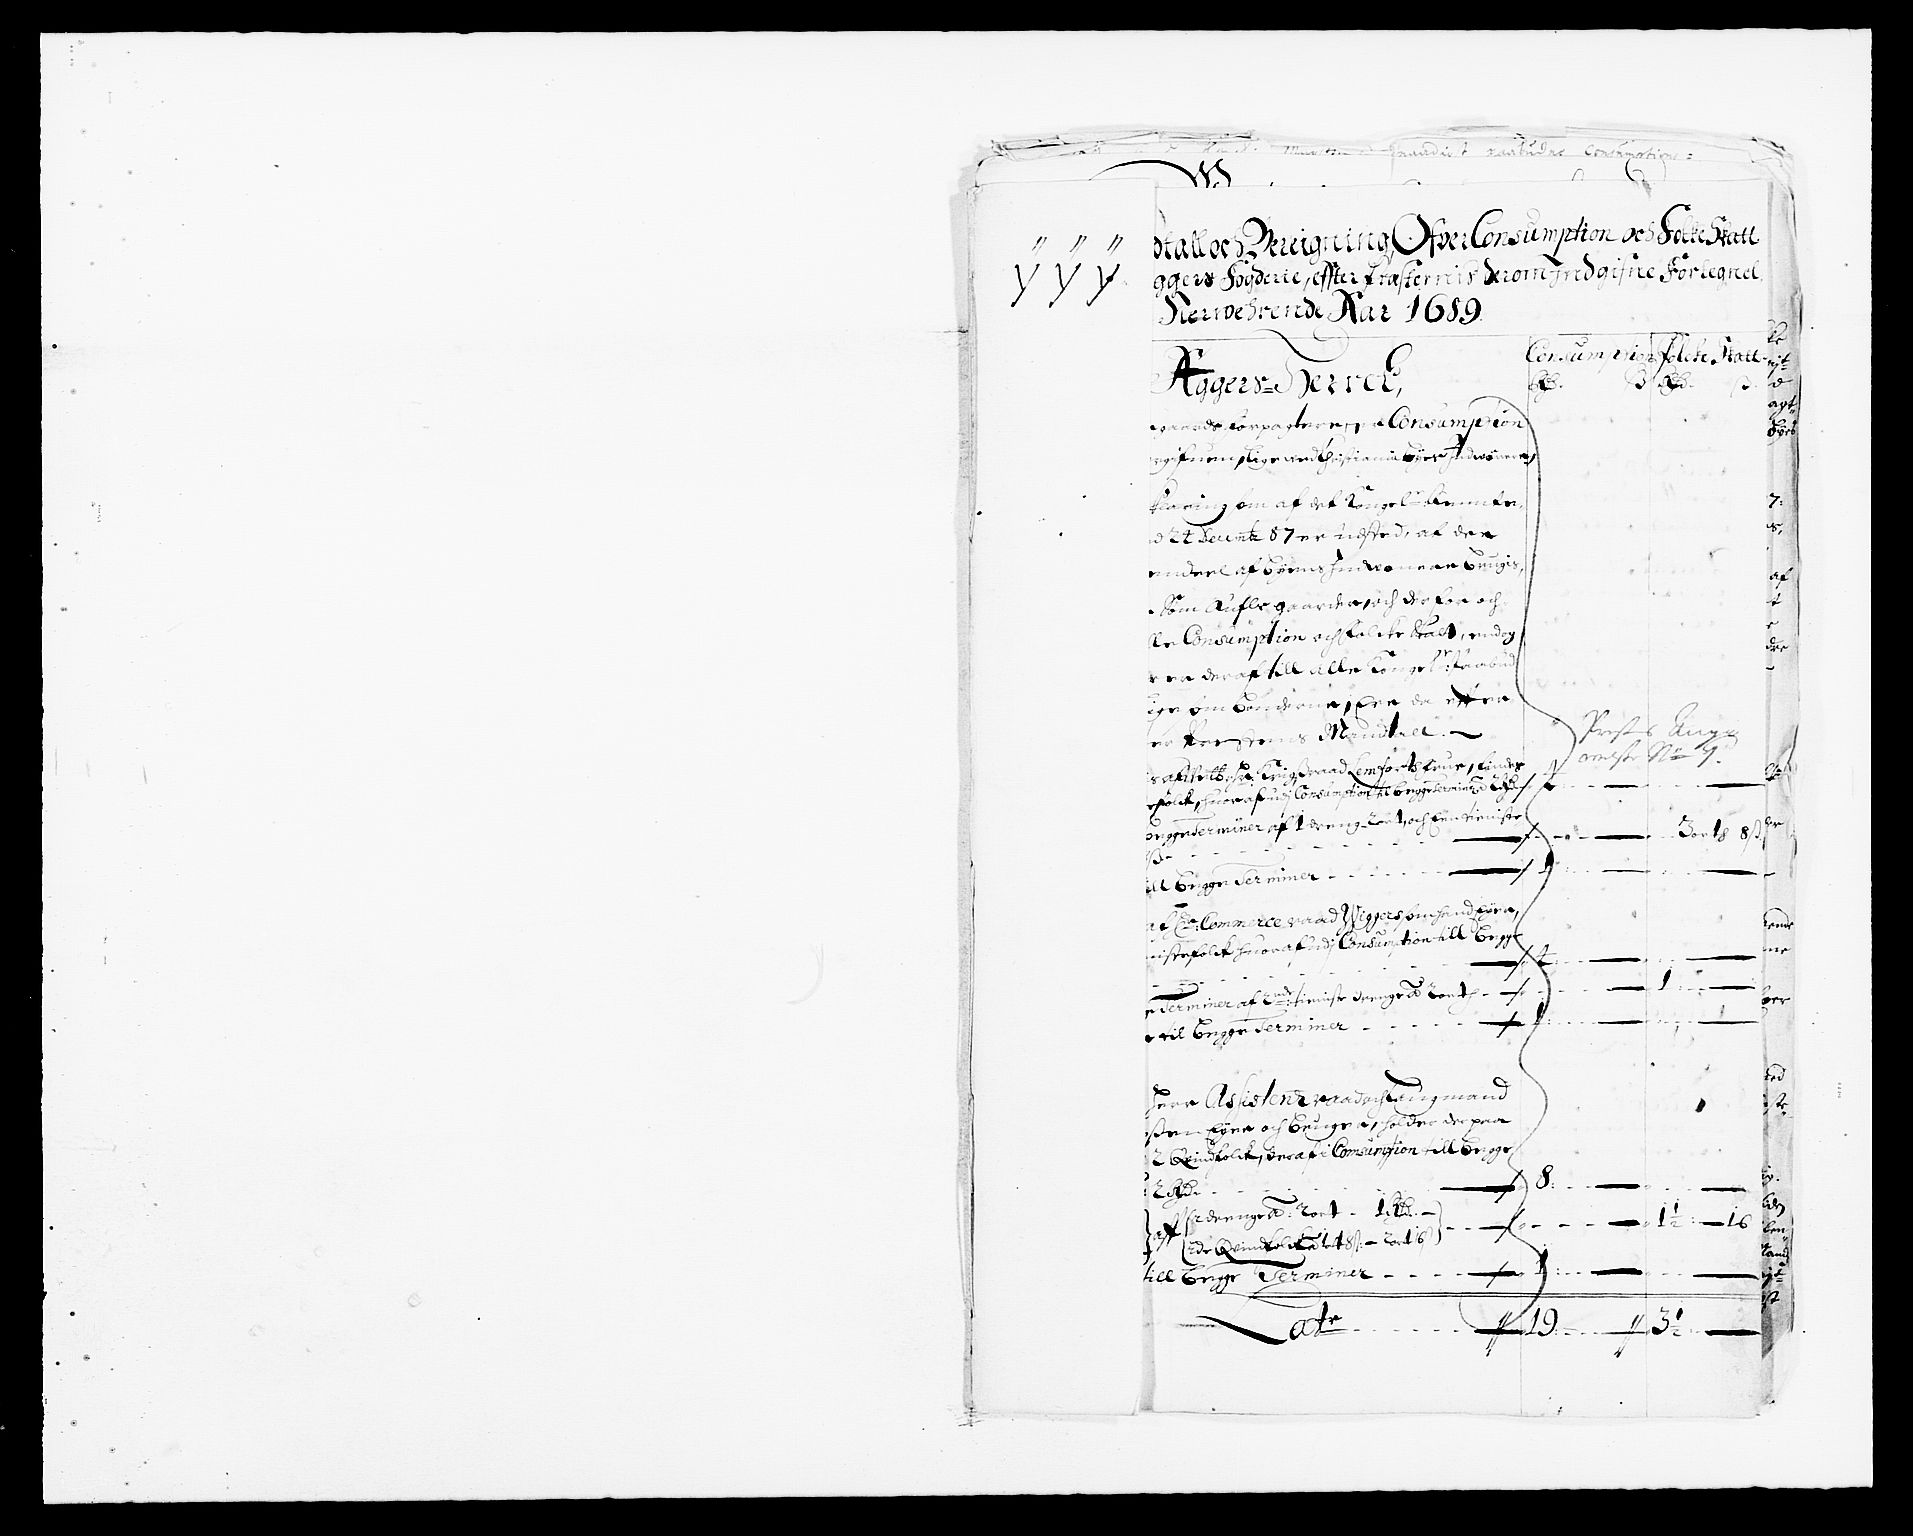 RA, Rentekammeret inntil 1814, Reviderte regnskaper, Fogderegnskap, R08/L0423: Fogderegnskap Aker, 1687-1689, s. 100